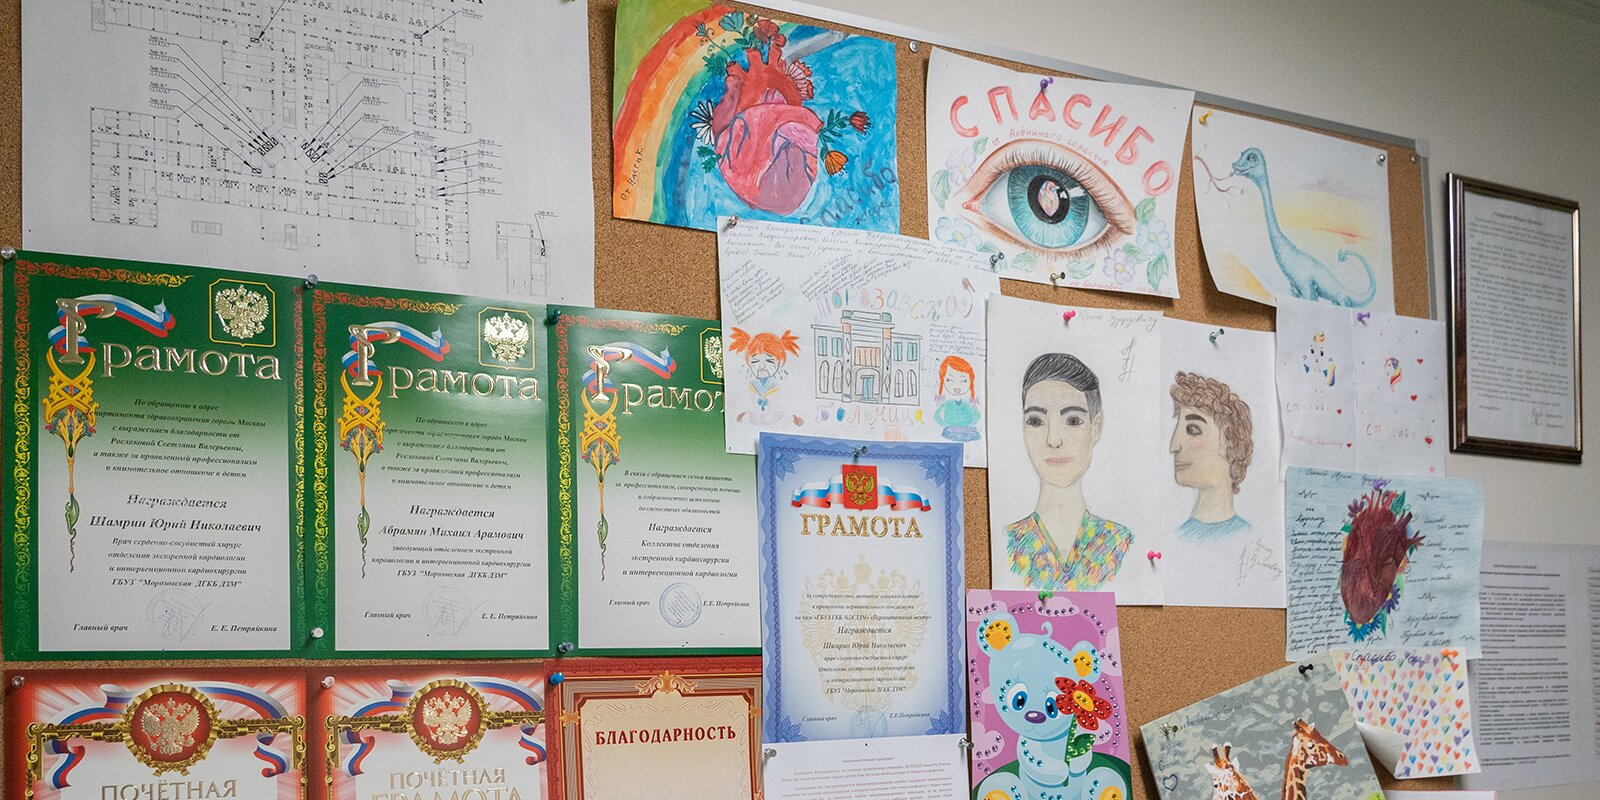 Пресс-служба Департамента здравоохранения города Москвы